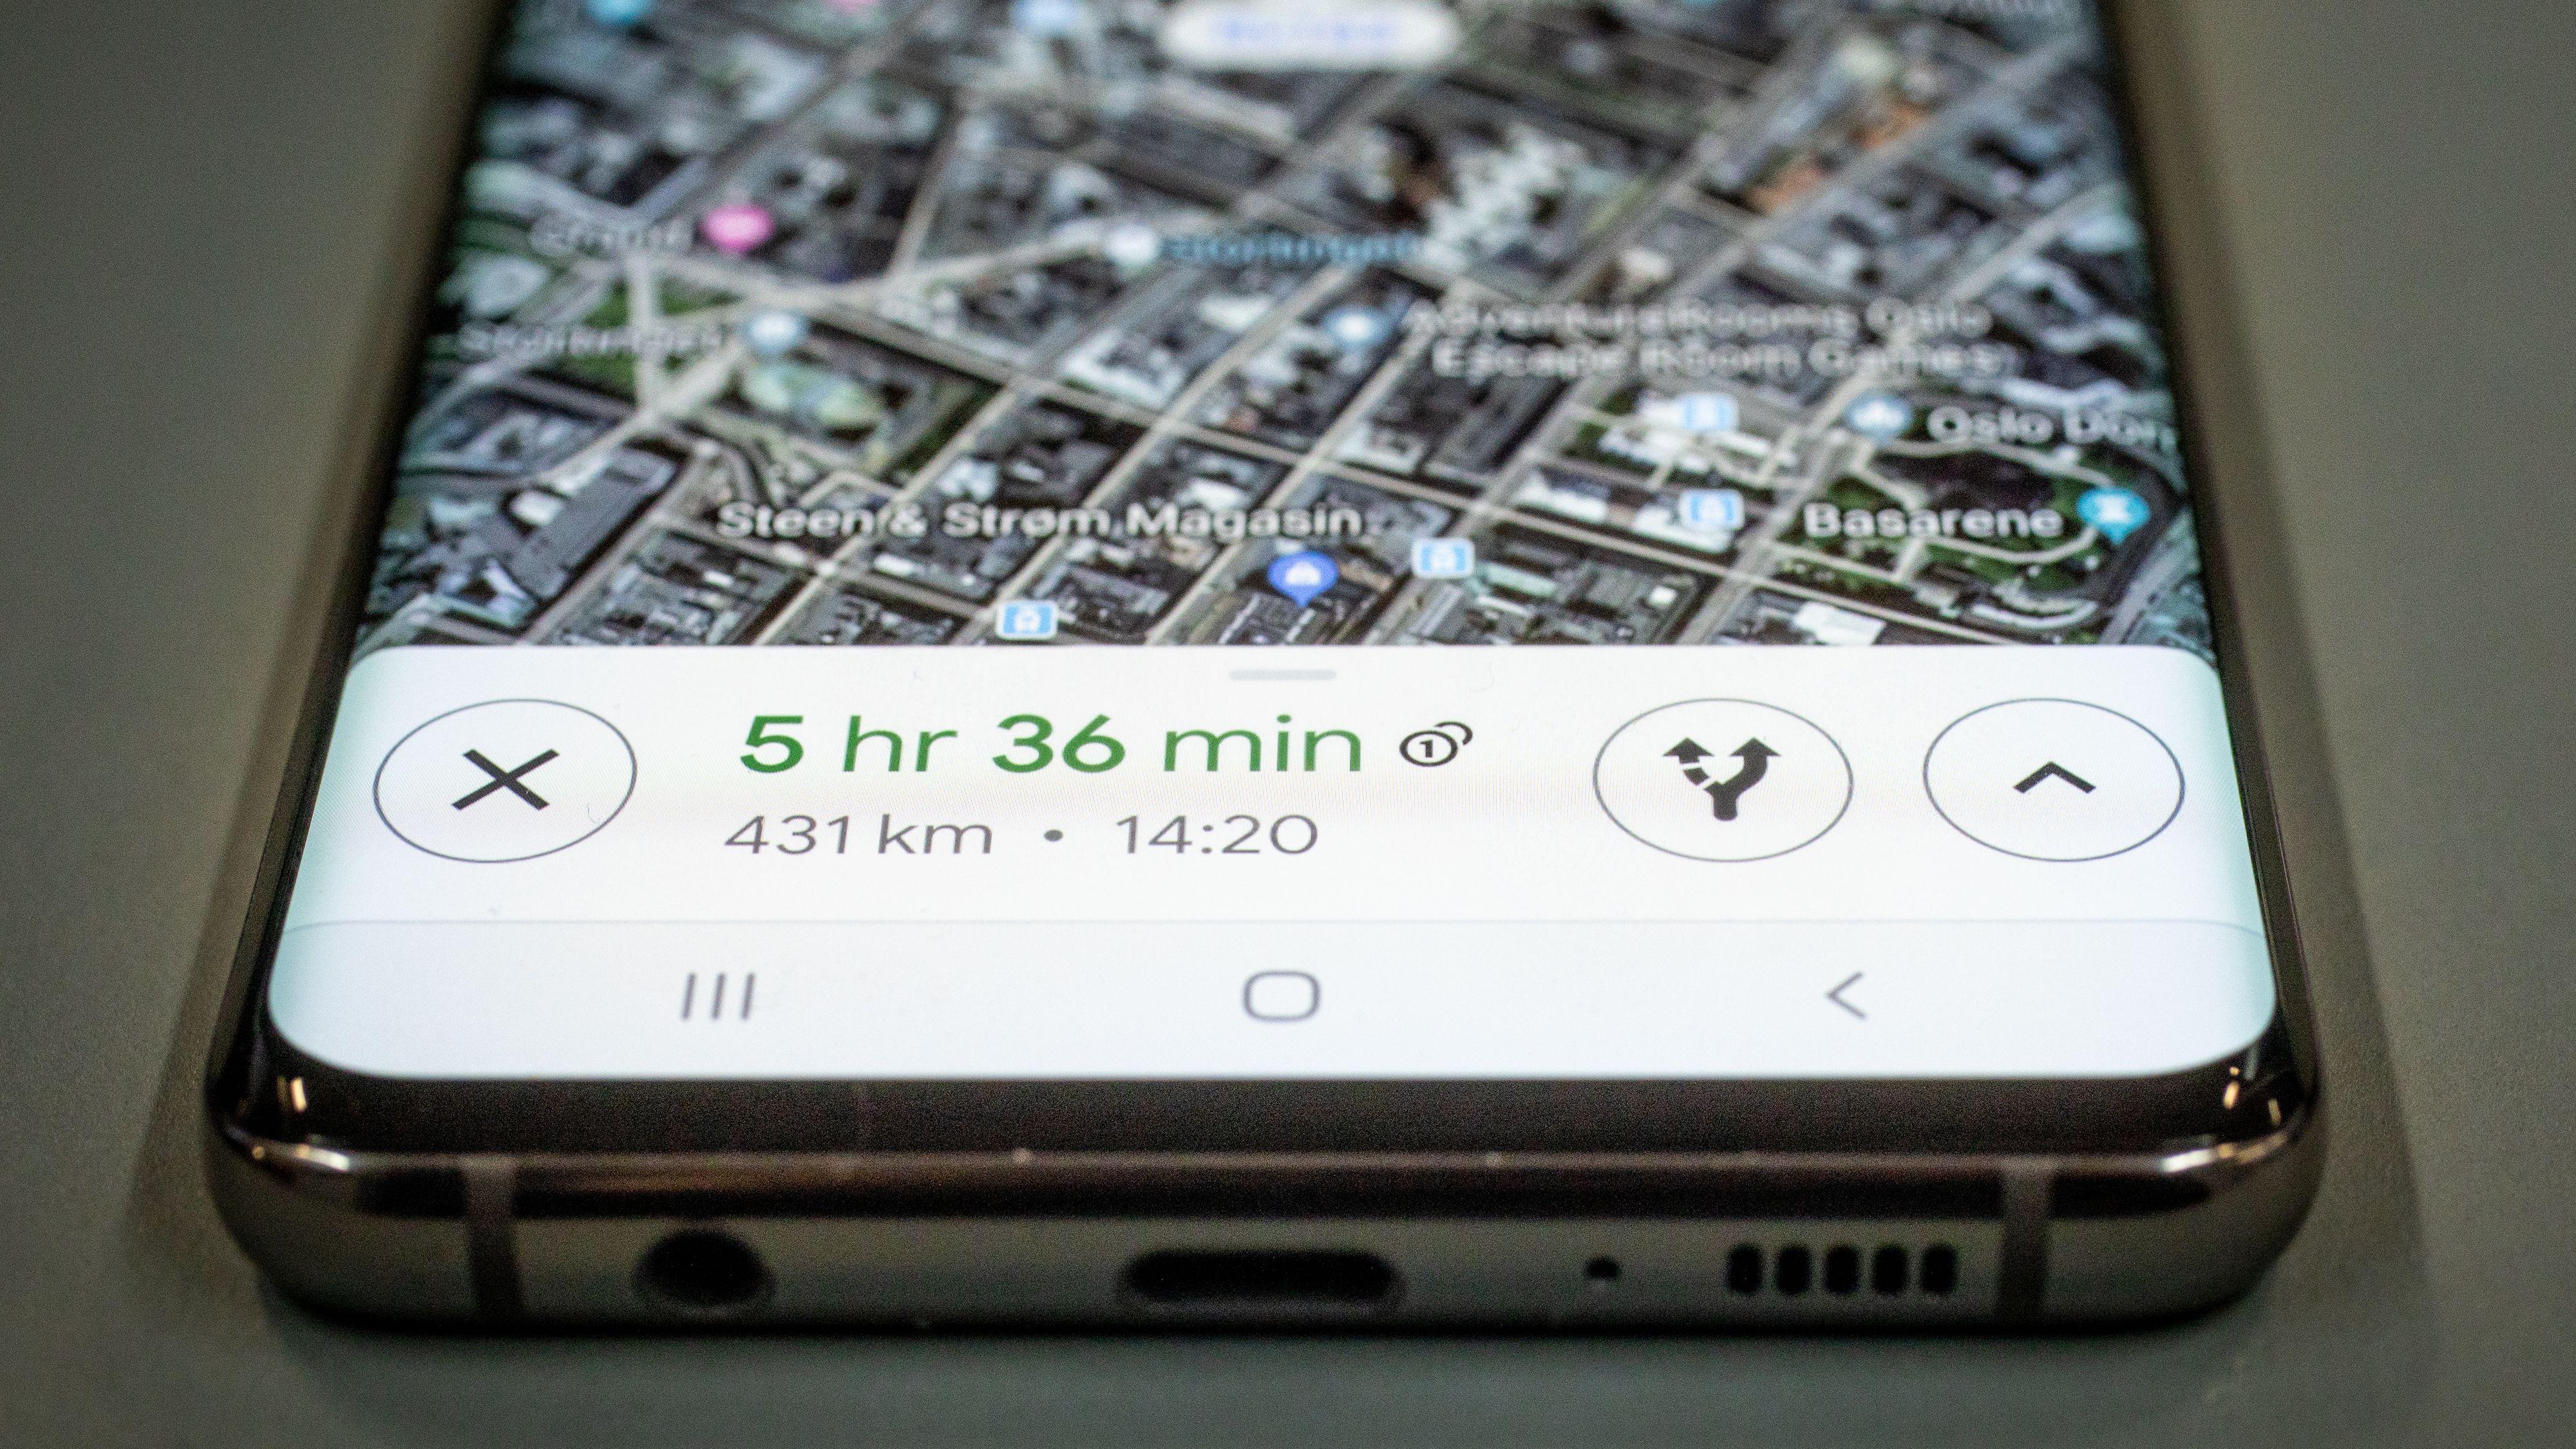 Nå får Google Maps også speedometer